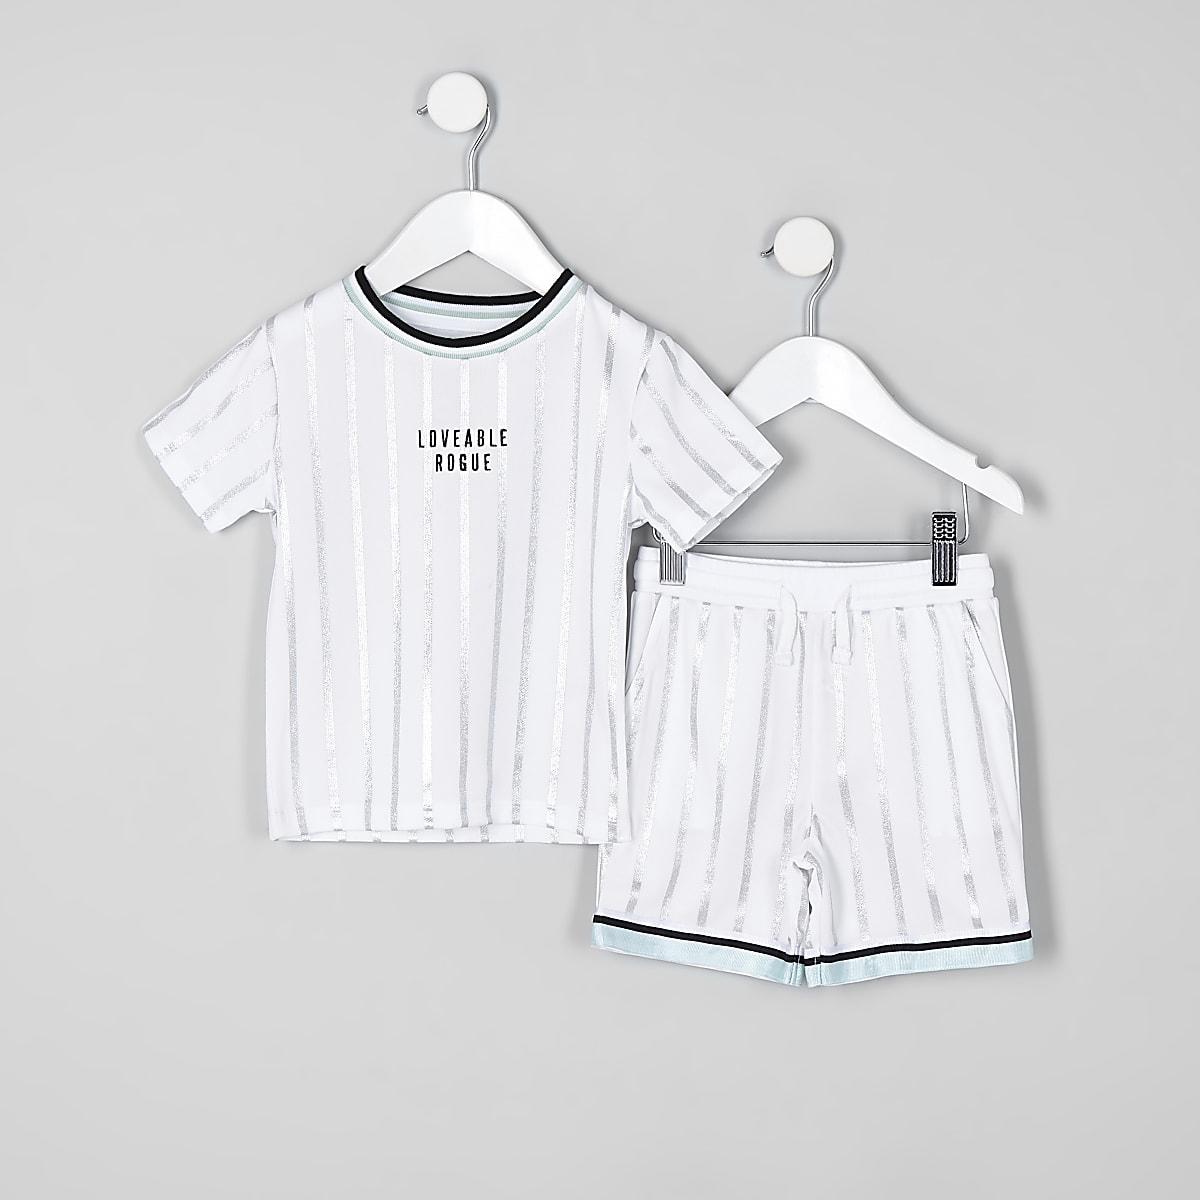 Mini - Outfit met witte gestreepte short van mesh voor jongens